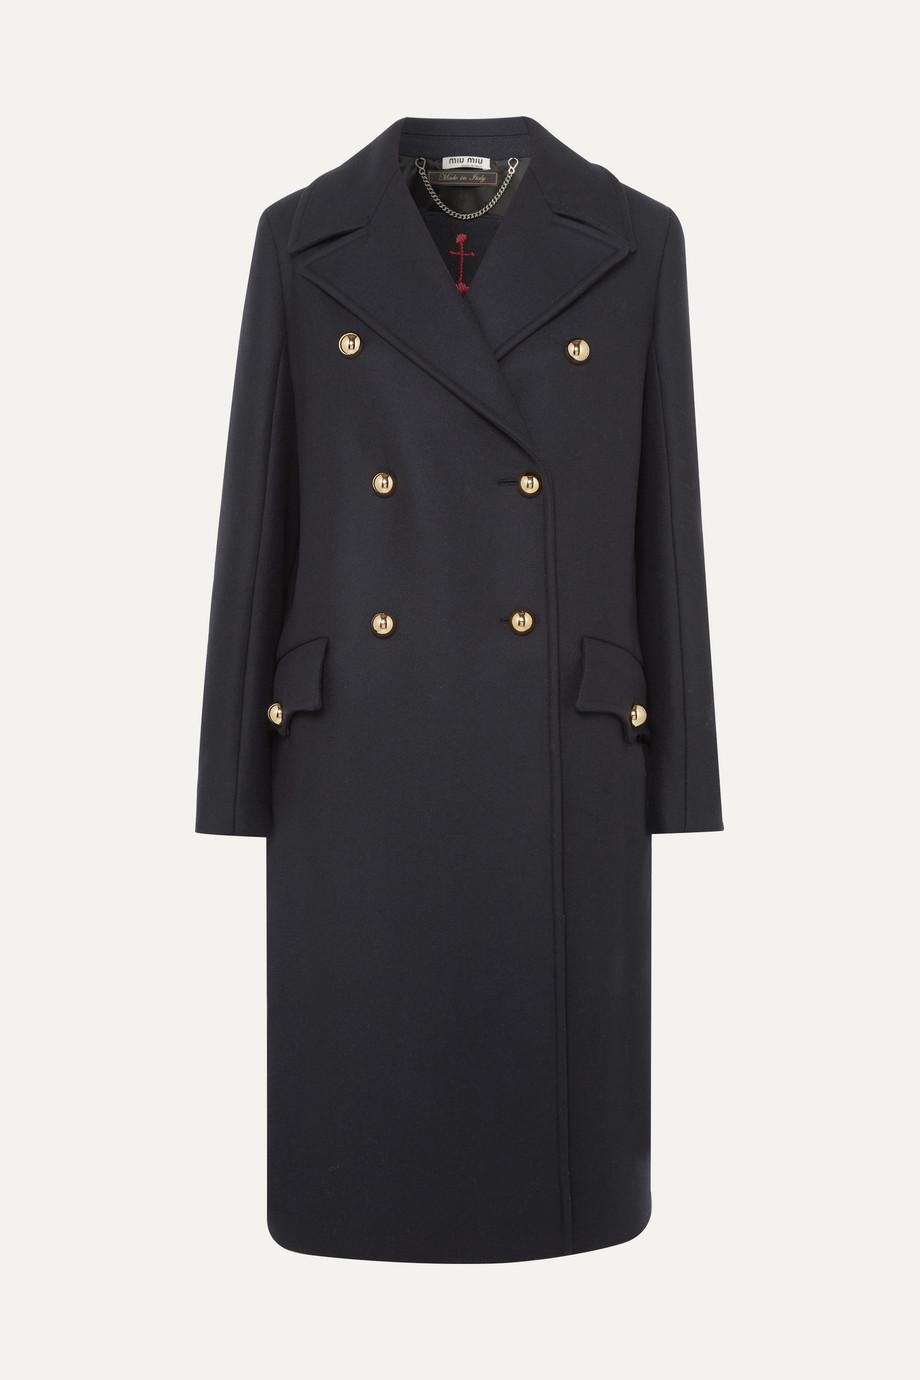 Miu Miu Manteau à double boutonnage en serge de laine